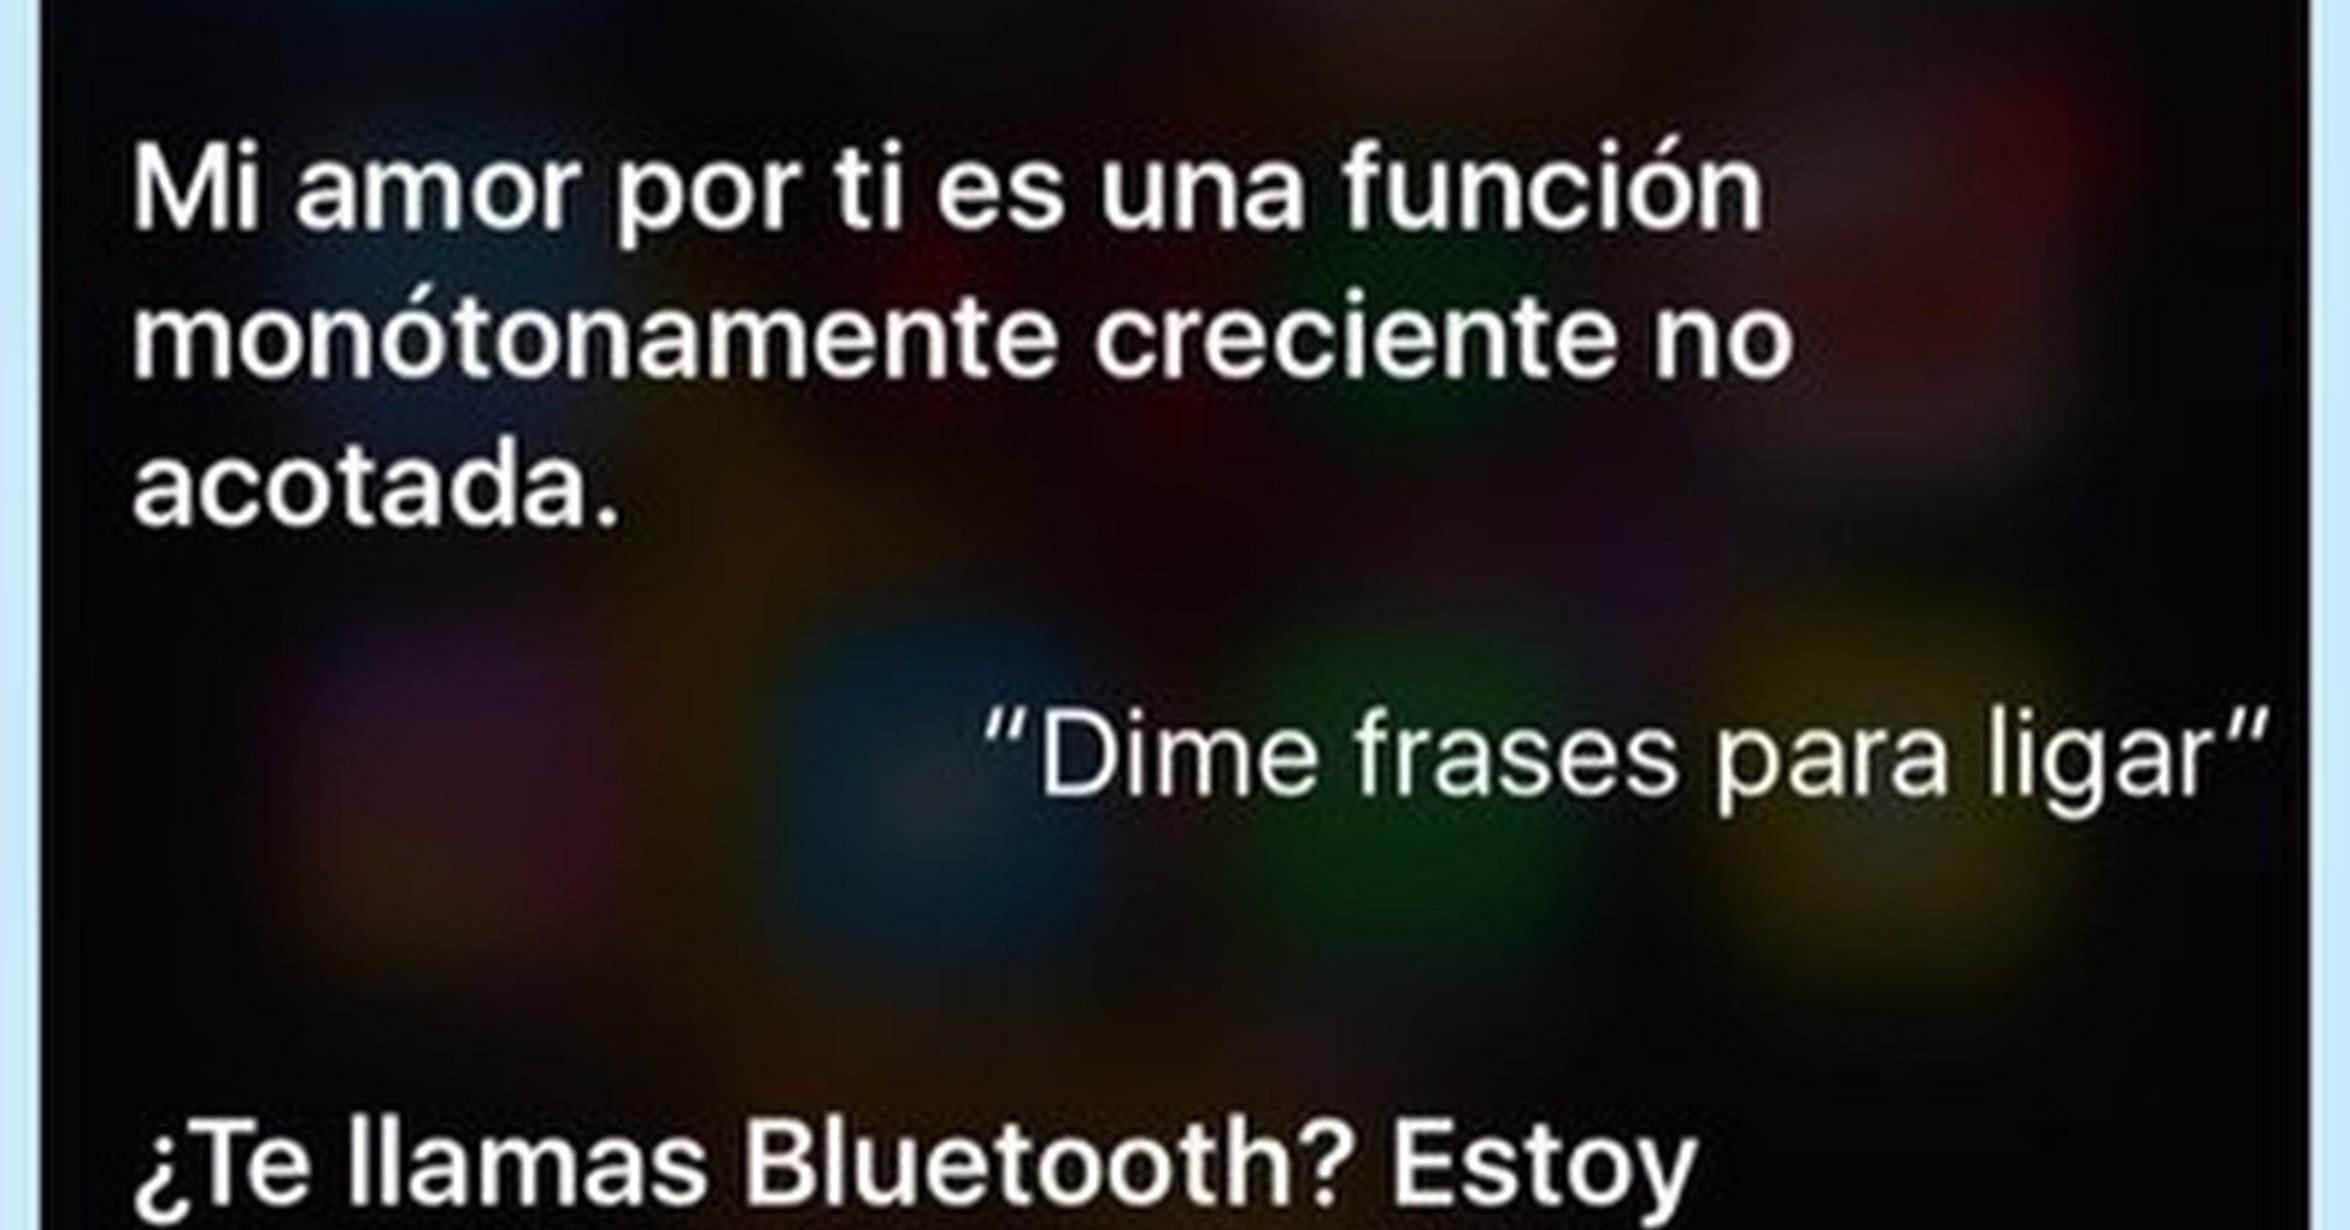 Vef Visto En Las Redes Le Pregunta A Siri Frases Para